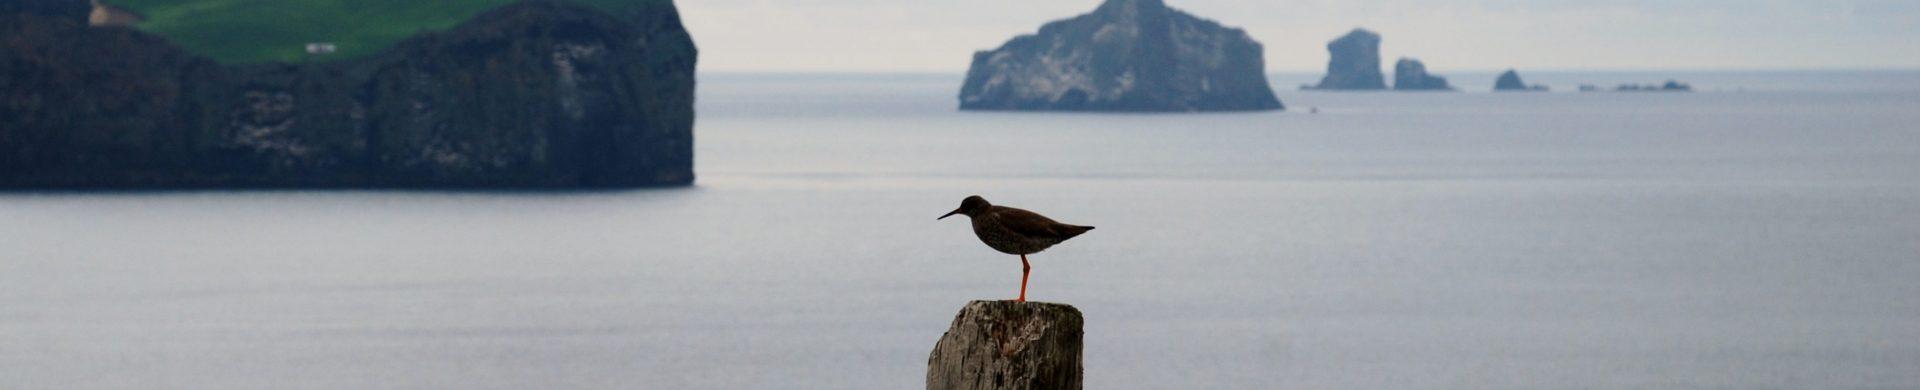 oiseau islande iles vestmann